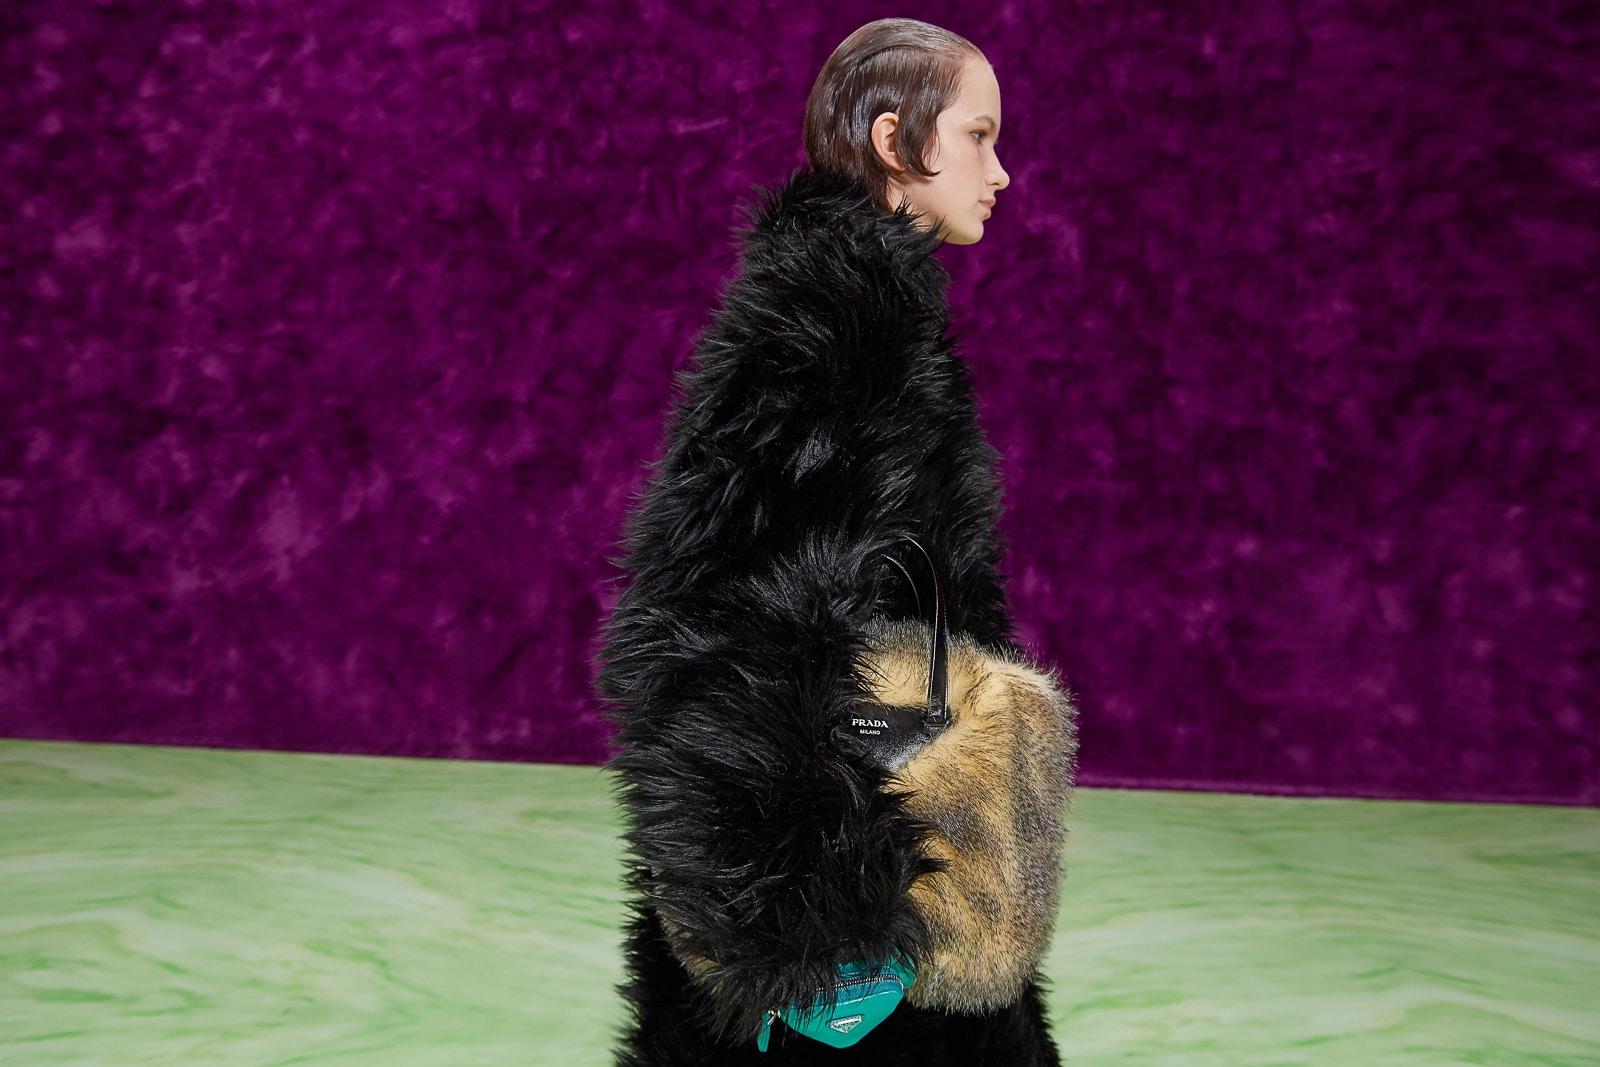 Túi xách, giày và trang sức Prada mùa Thu Đông 2021 có gì mới? 8